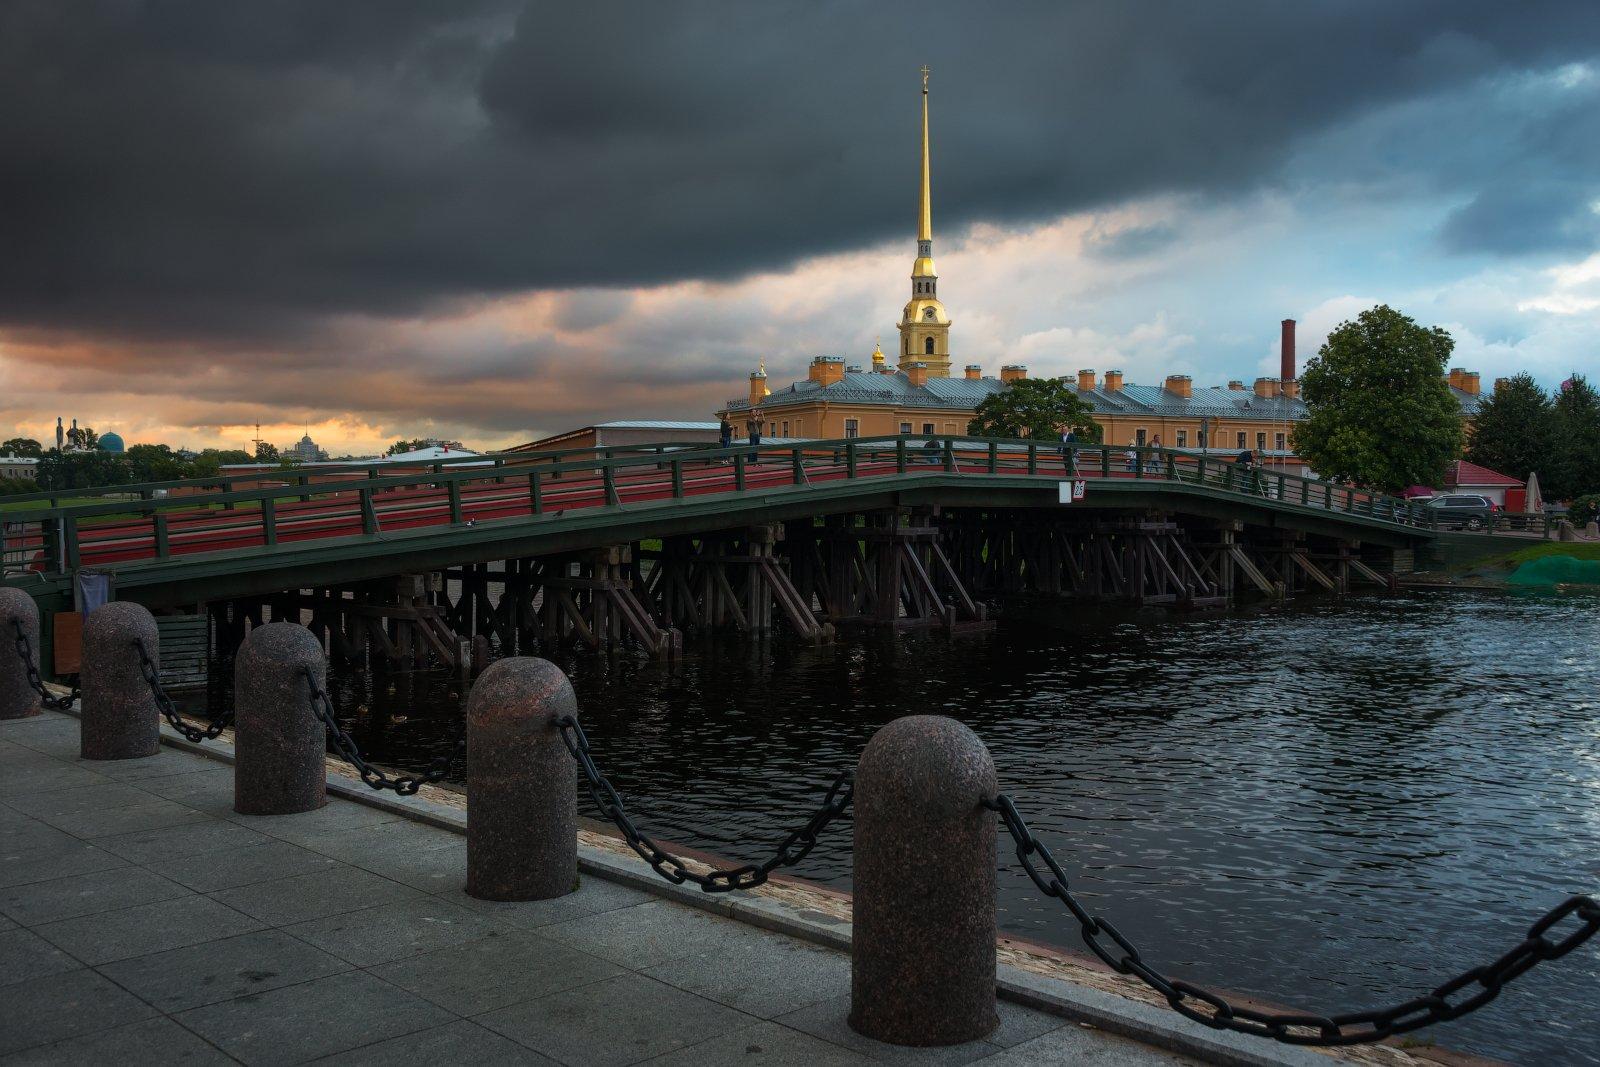 санкт-петербург, вечер, закат, петропавловская крепость, Cтанислав Малых